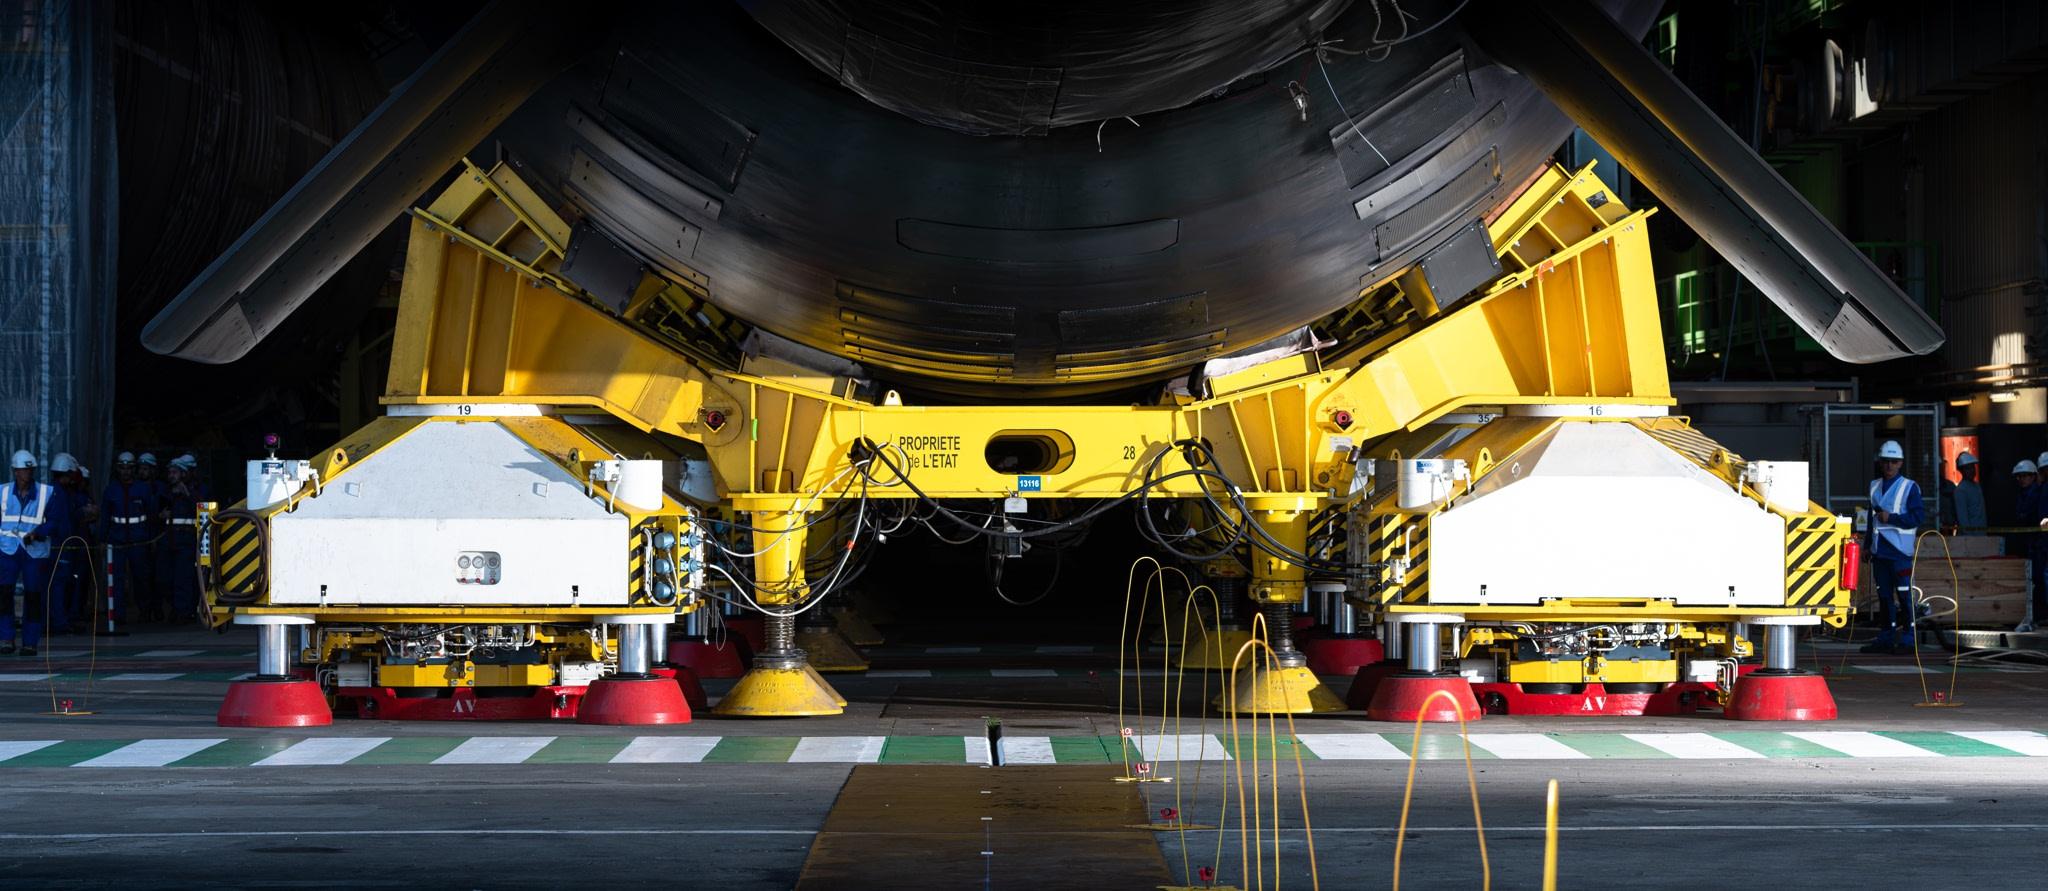 Photographie construction navale DSC8553